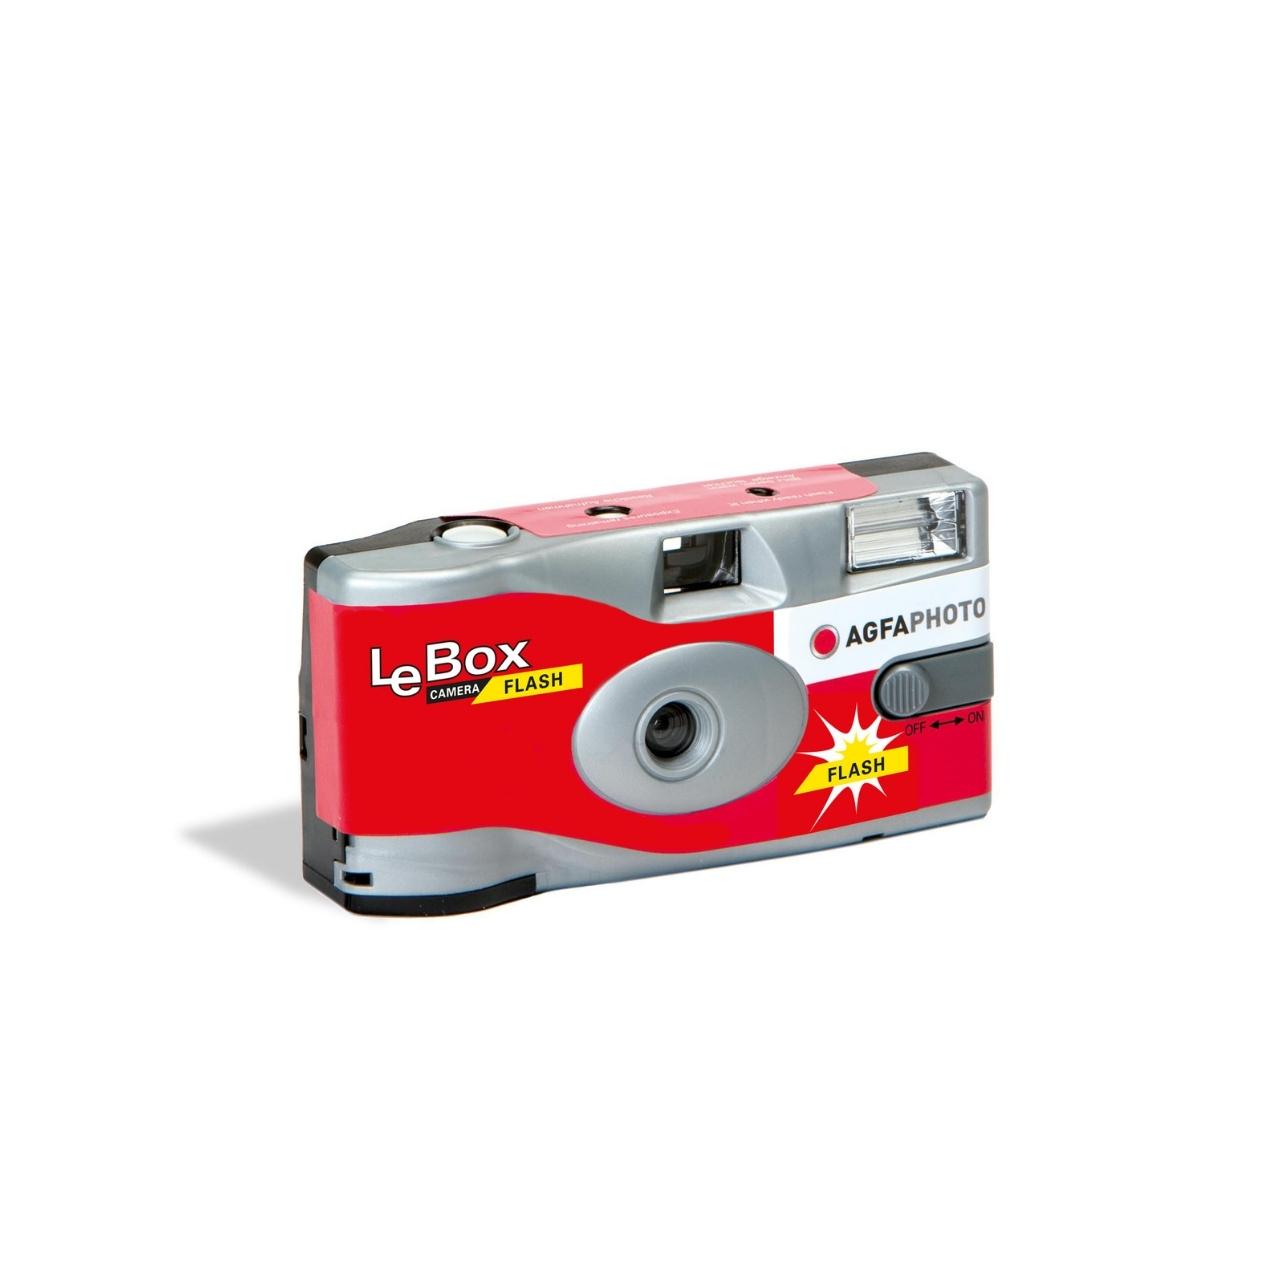 AgfaPhoto LeBox 400-27 con Flash, cámara de un solo uso